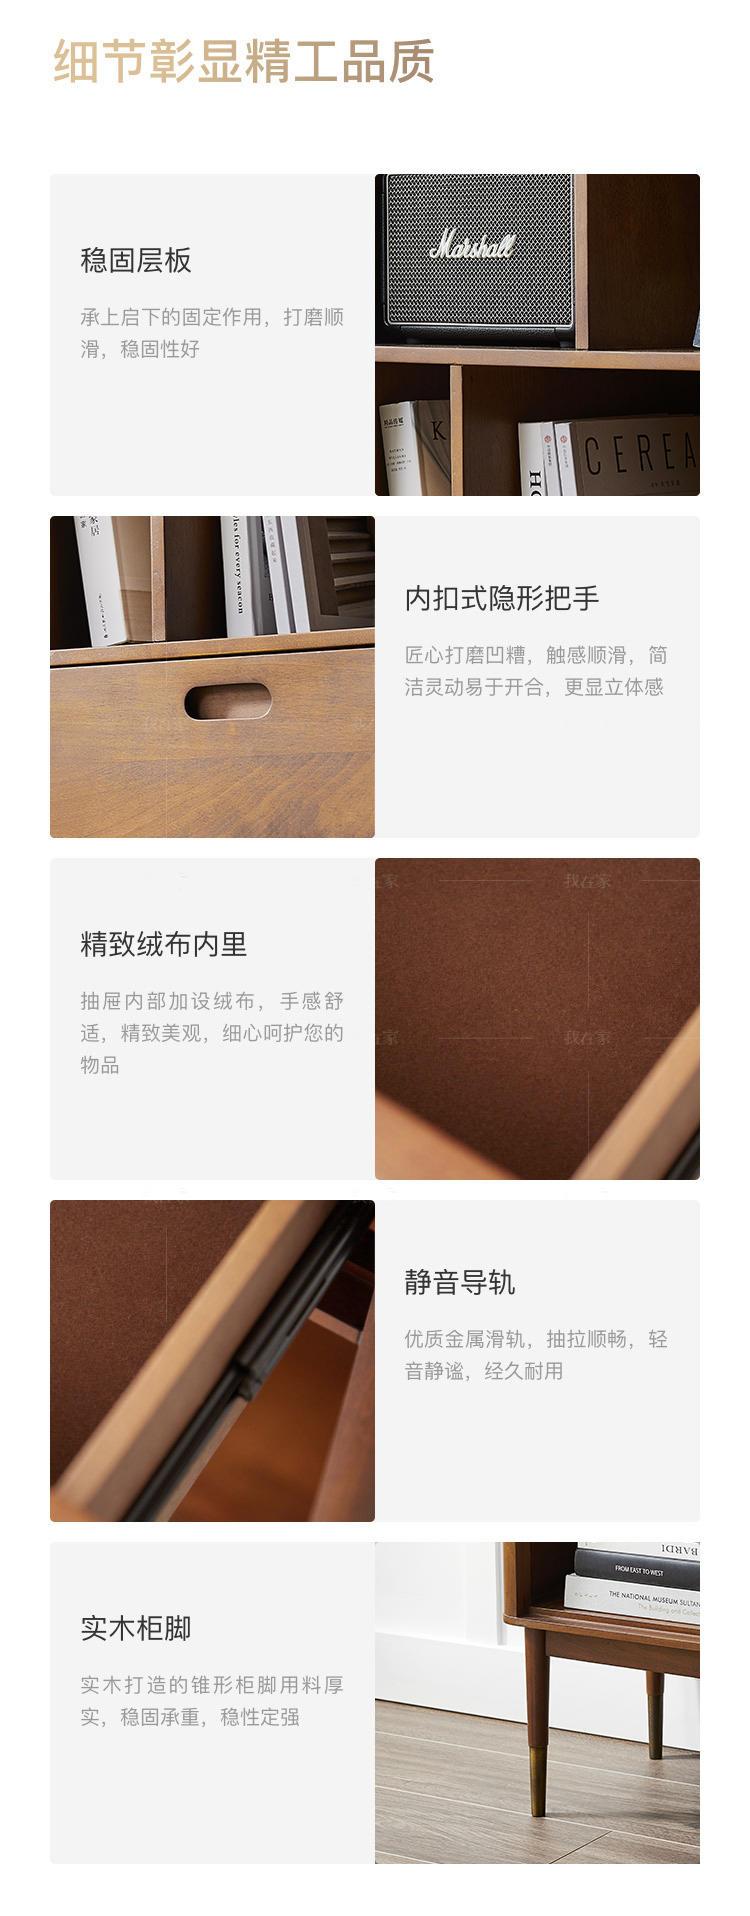 中古风风格彼得曼立柜的家具详细介绍